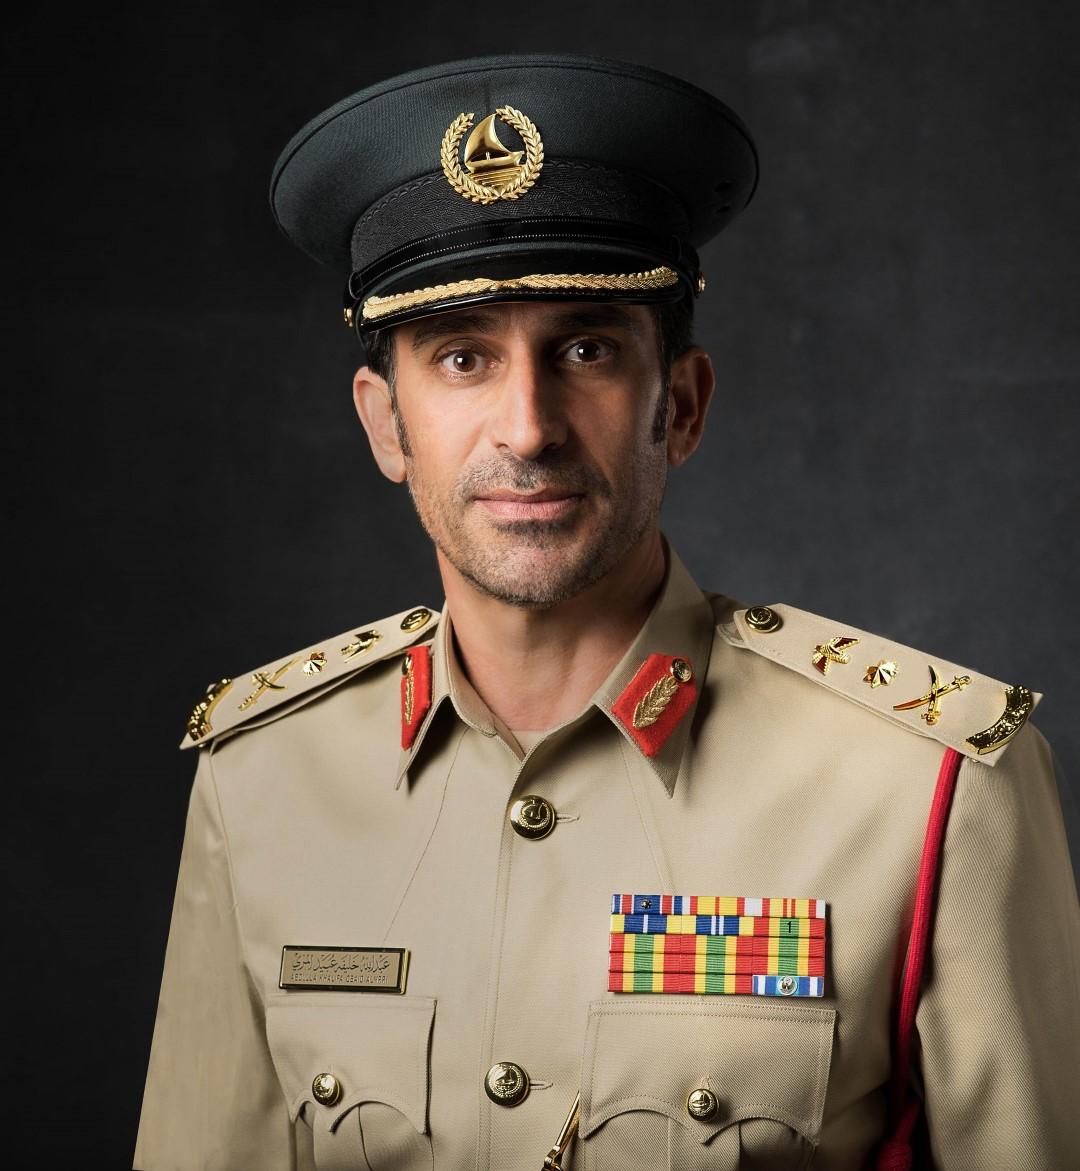 شرطة دبي تُحبط مخطط عصابة دولية لترويج 123 كيلوجراما من الكريستال المخدر